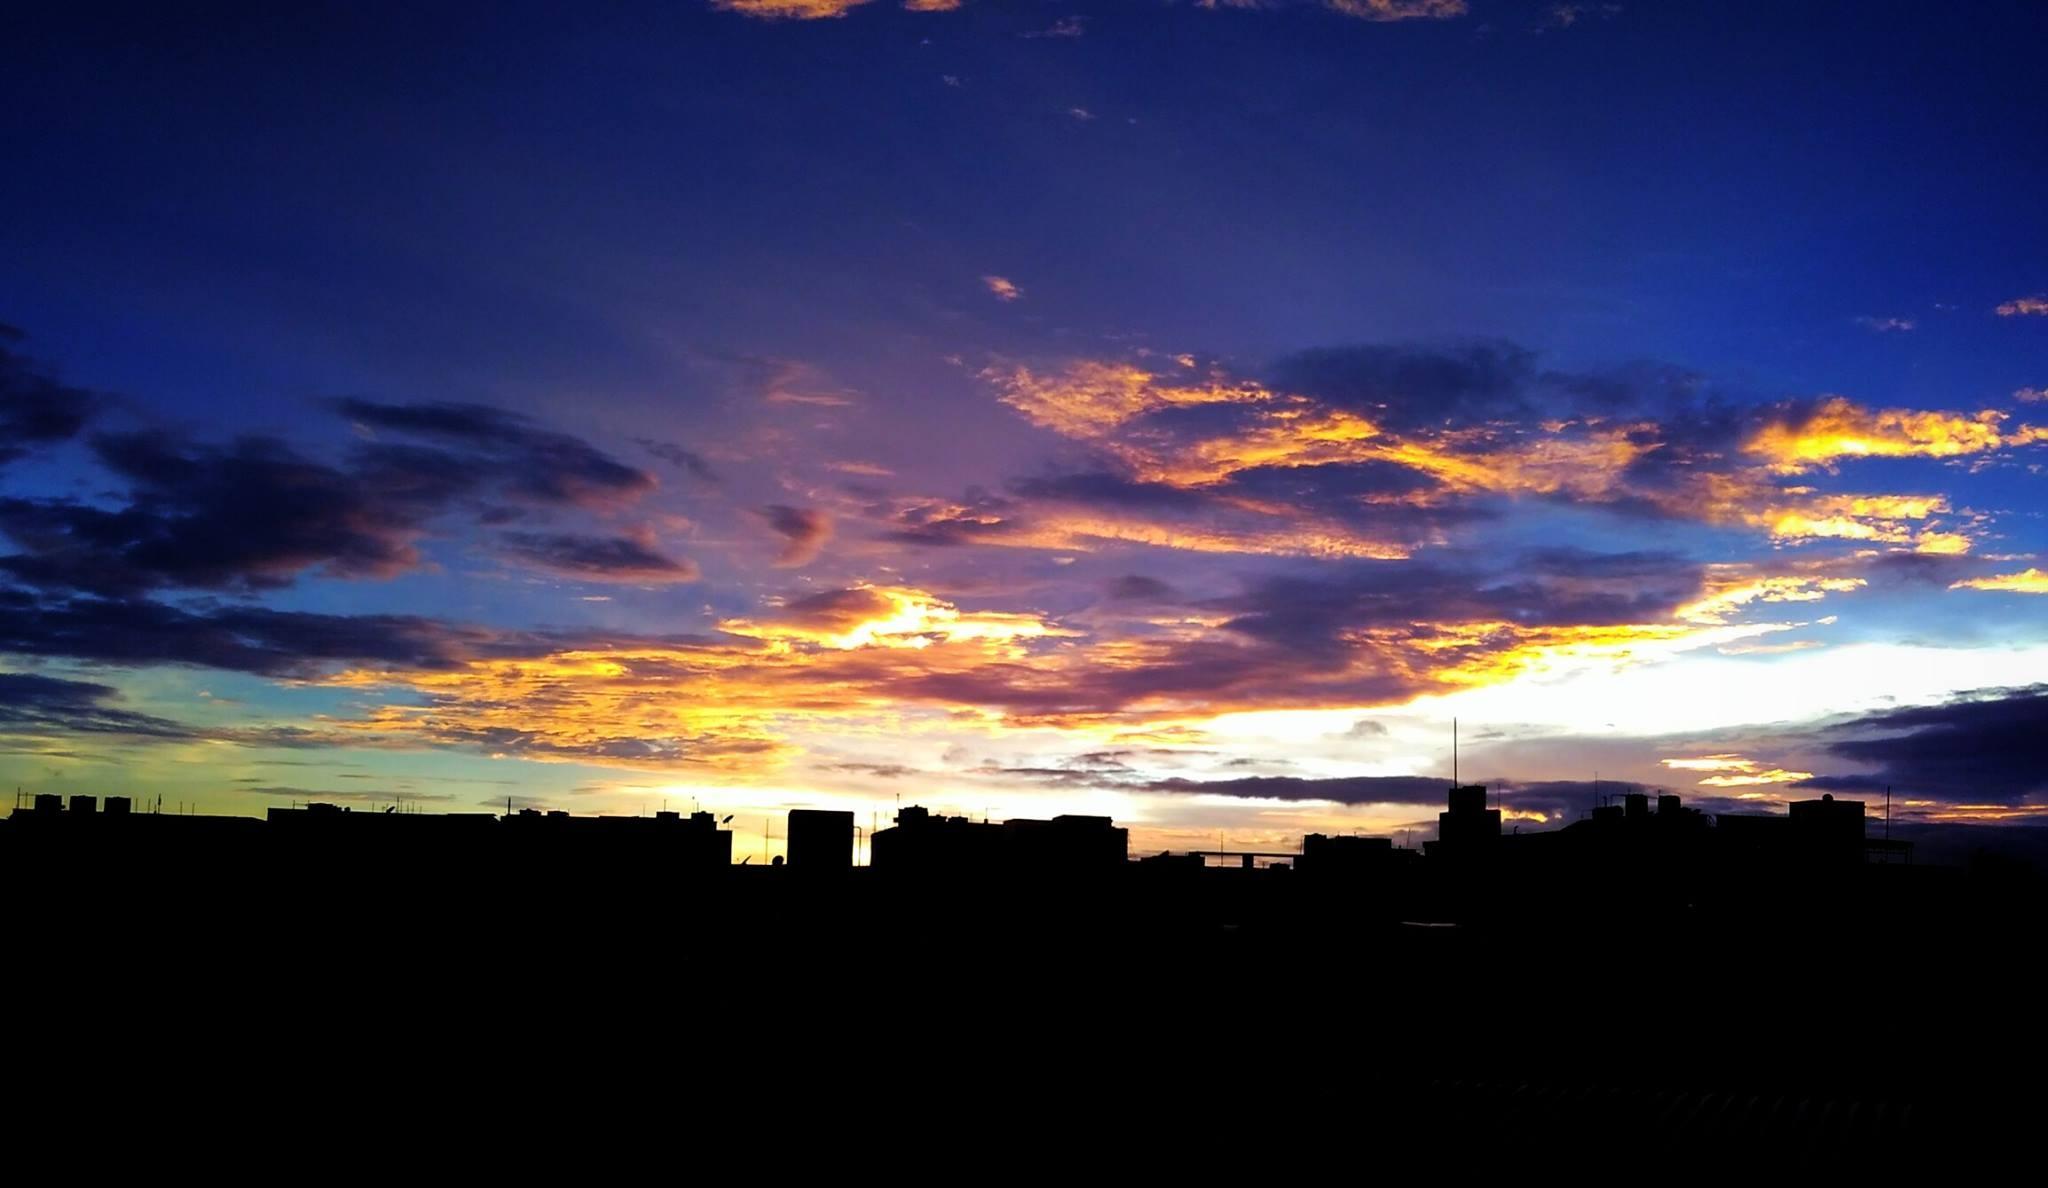 Sunset, Landscape by kundan